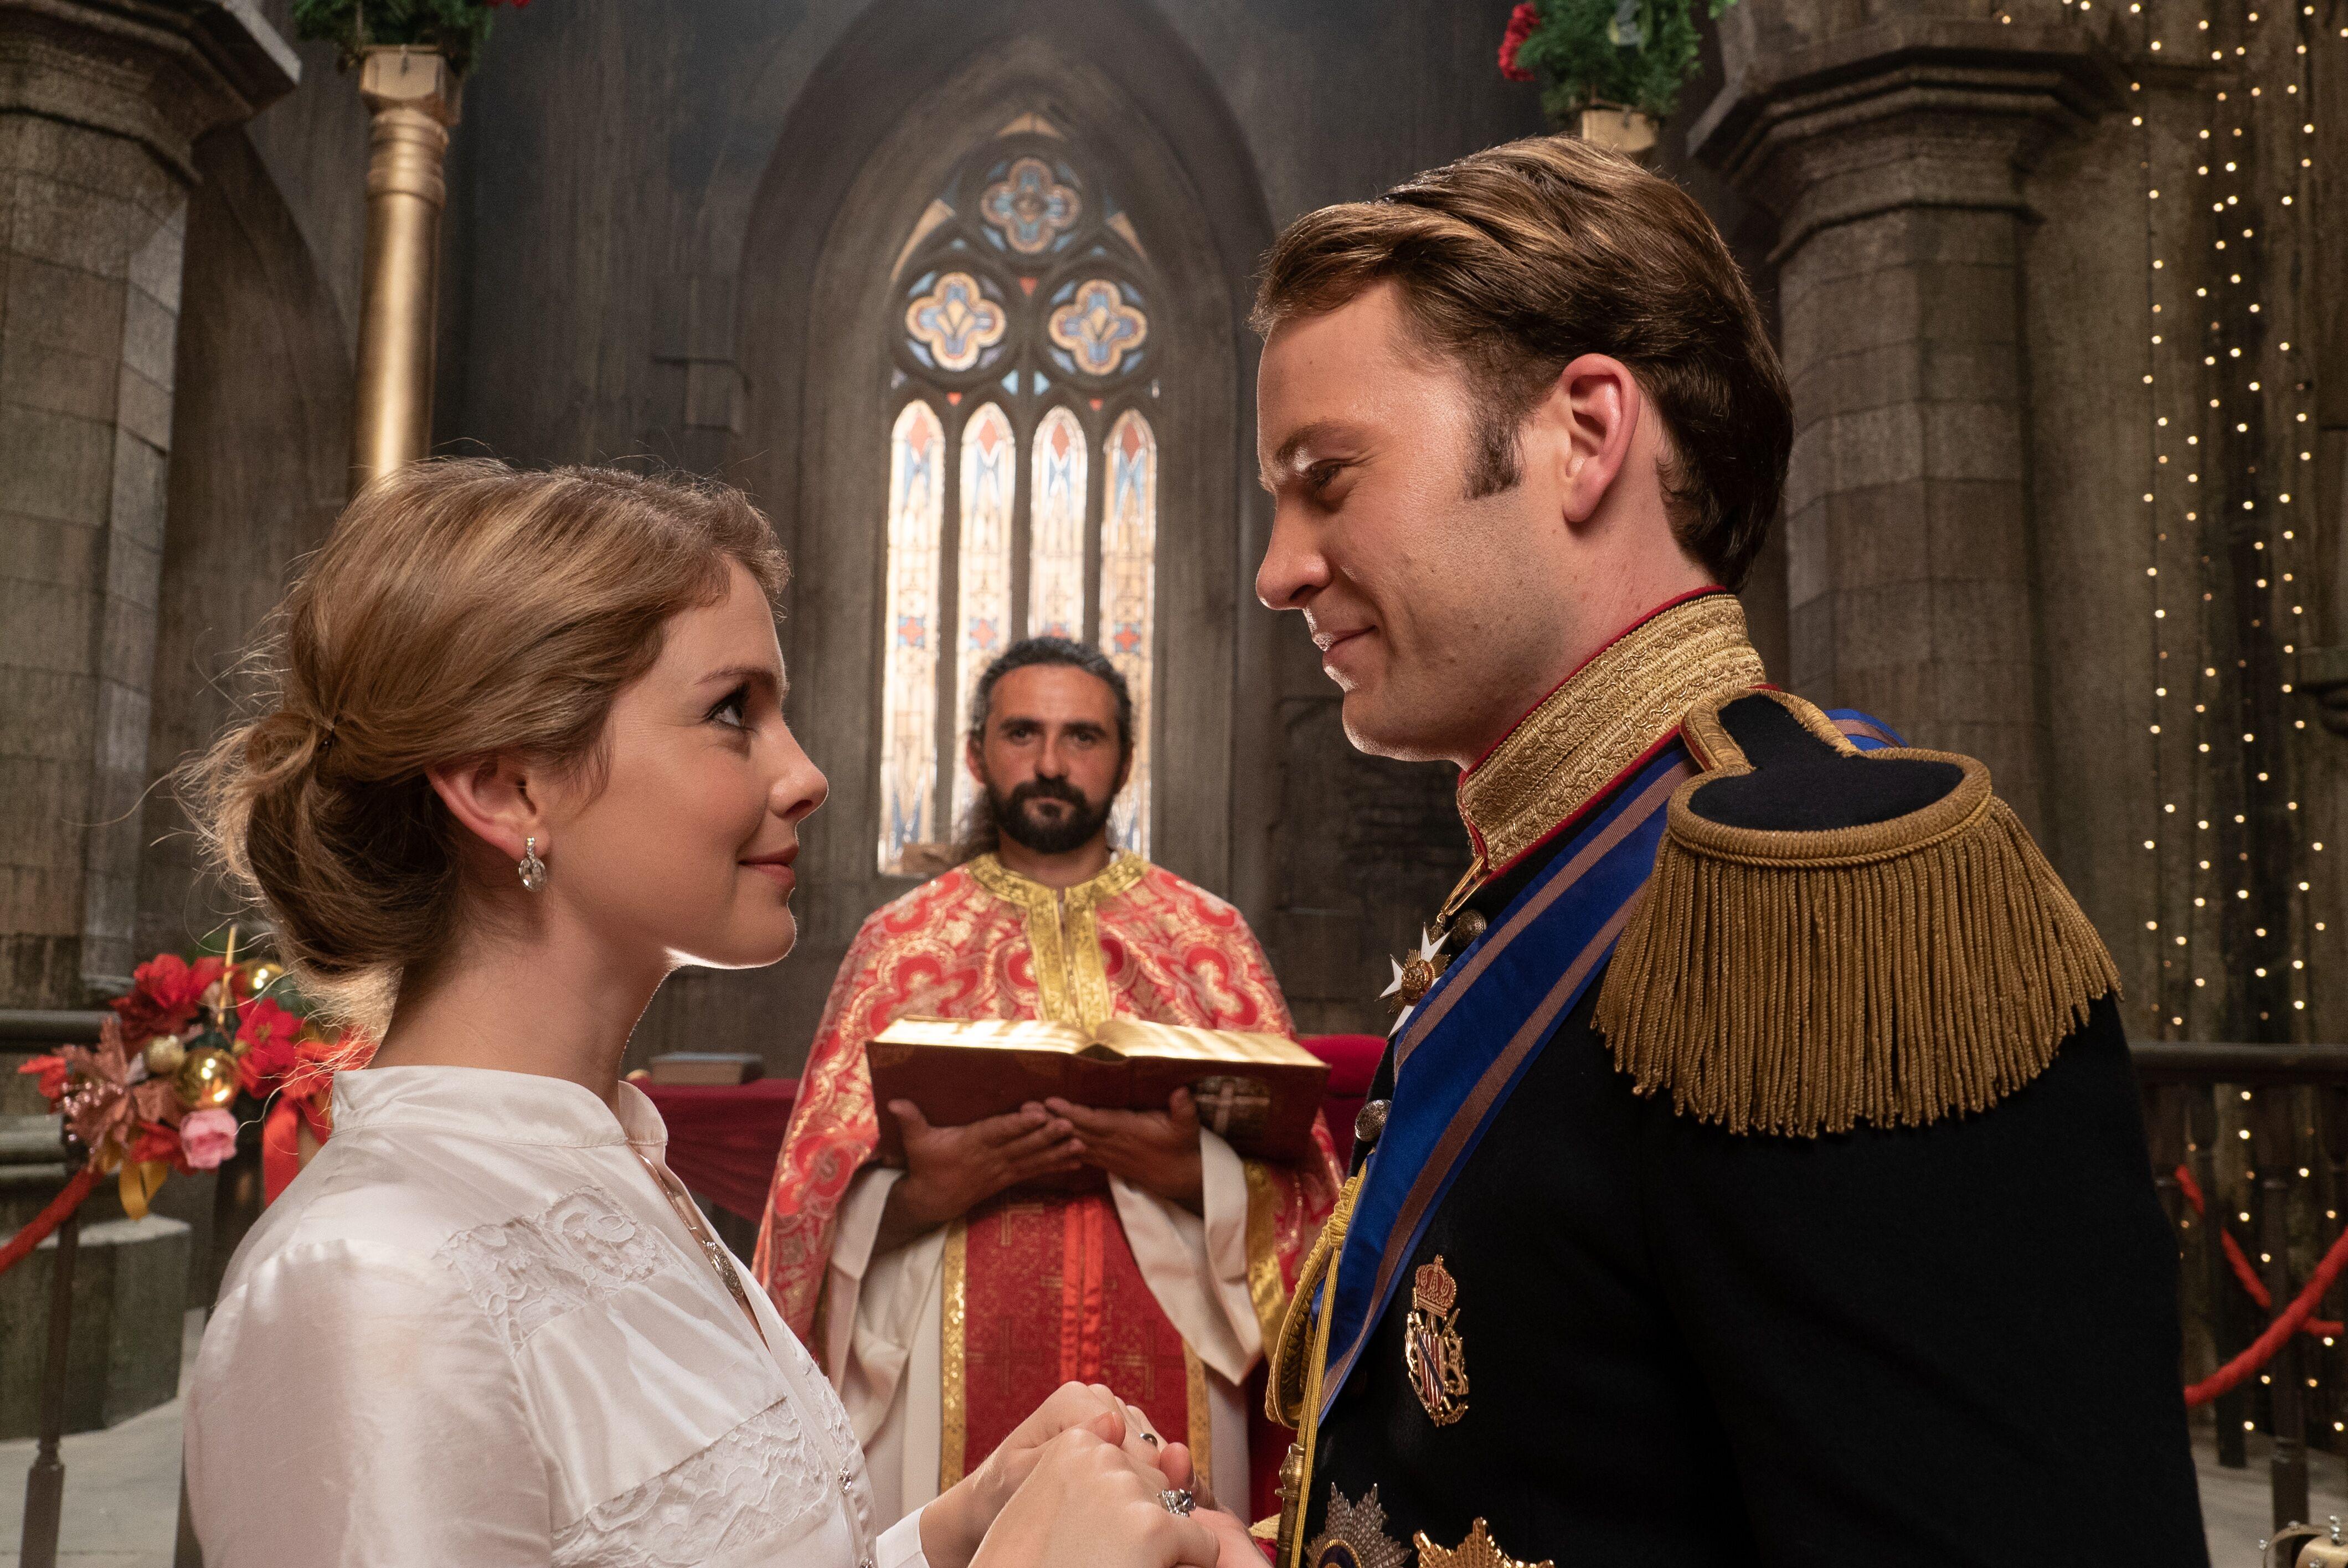 Will Netflix make A Christmas Prince 3?